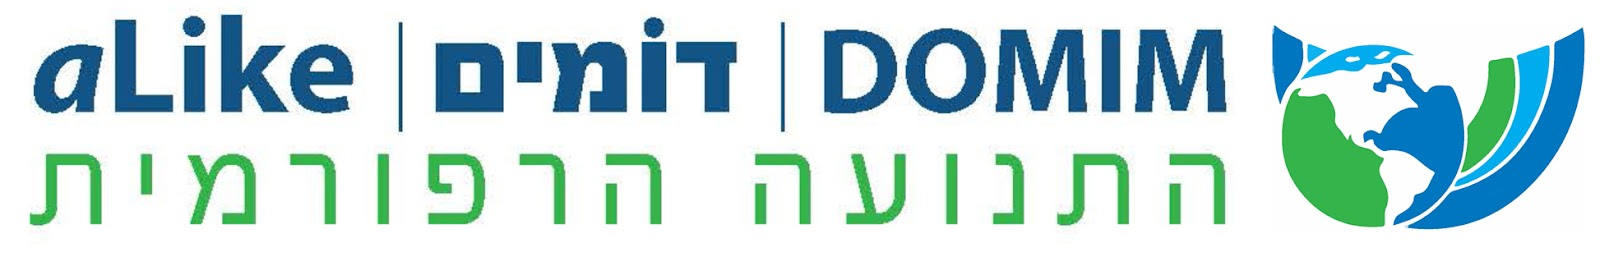 לוגו דומים ארוך.jpg